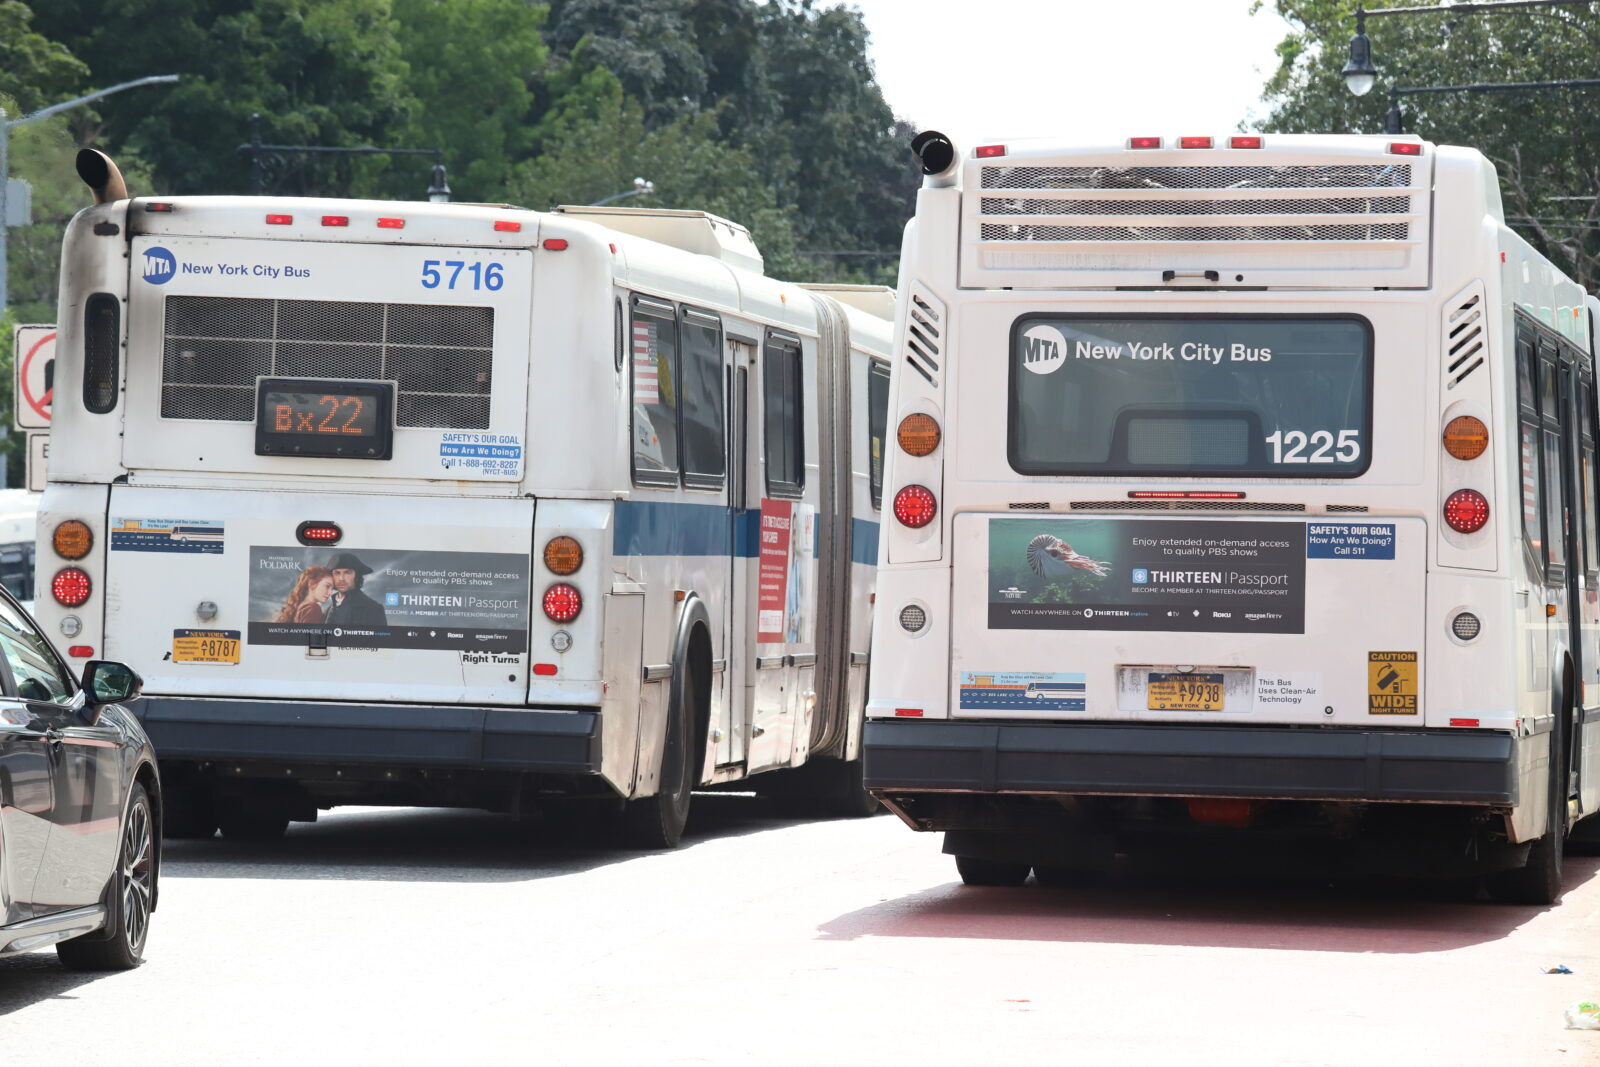 WNET Bus Tail Advertising